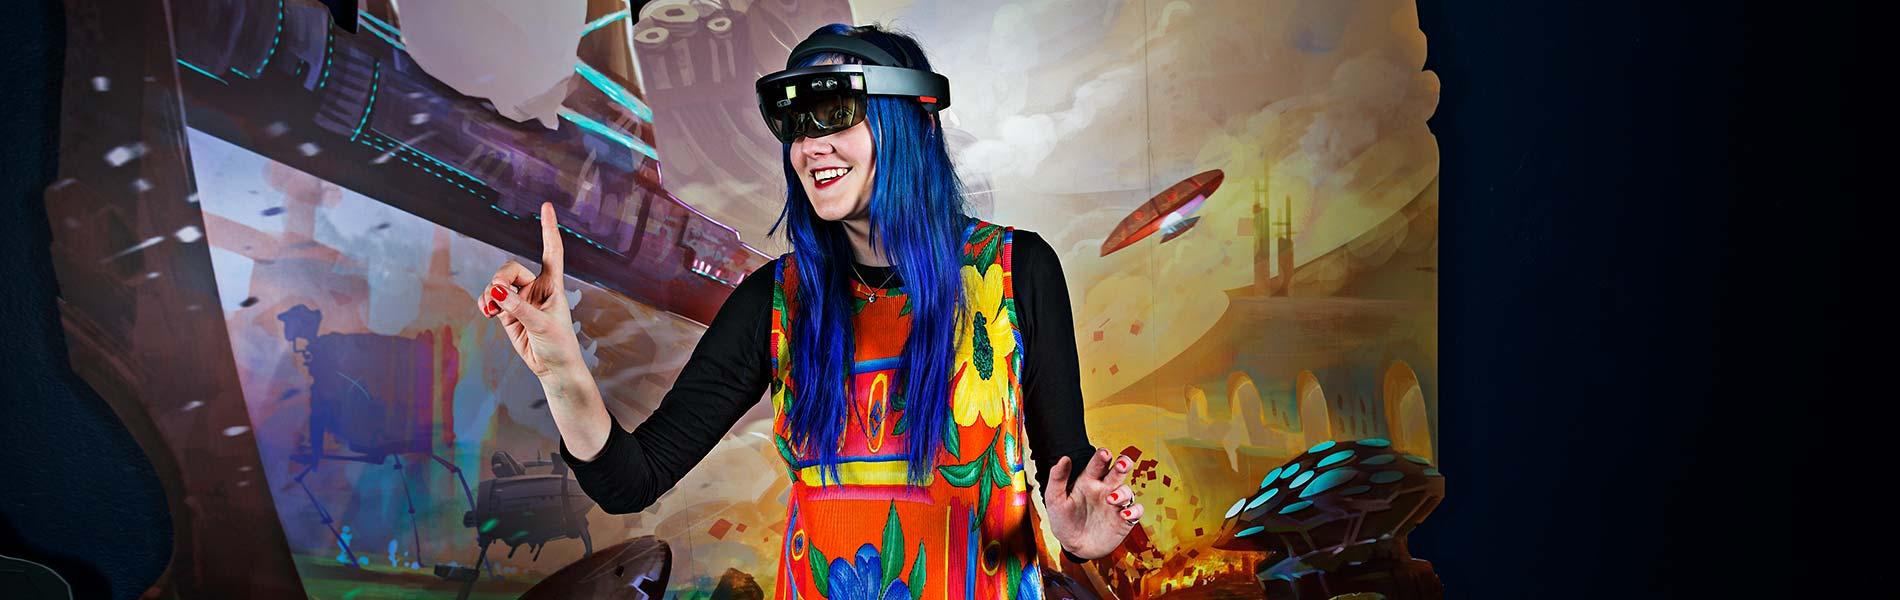 Kvinna med VR-glasögon spelar AR-spel